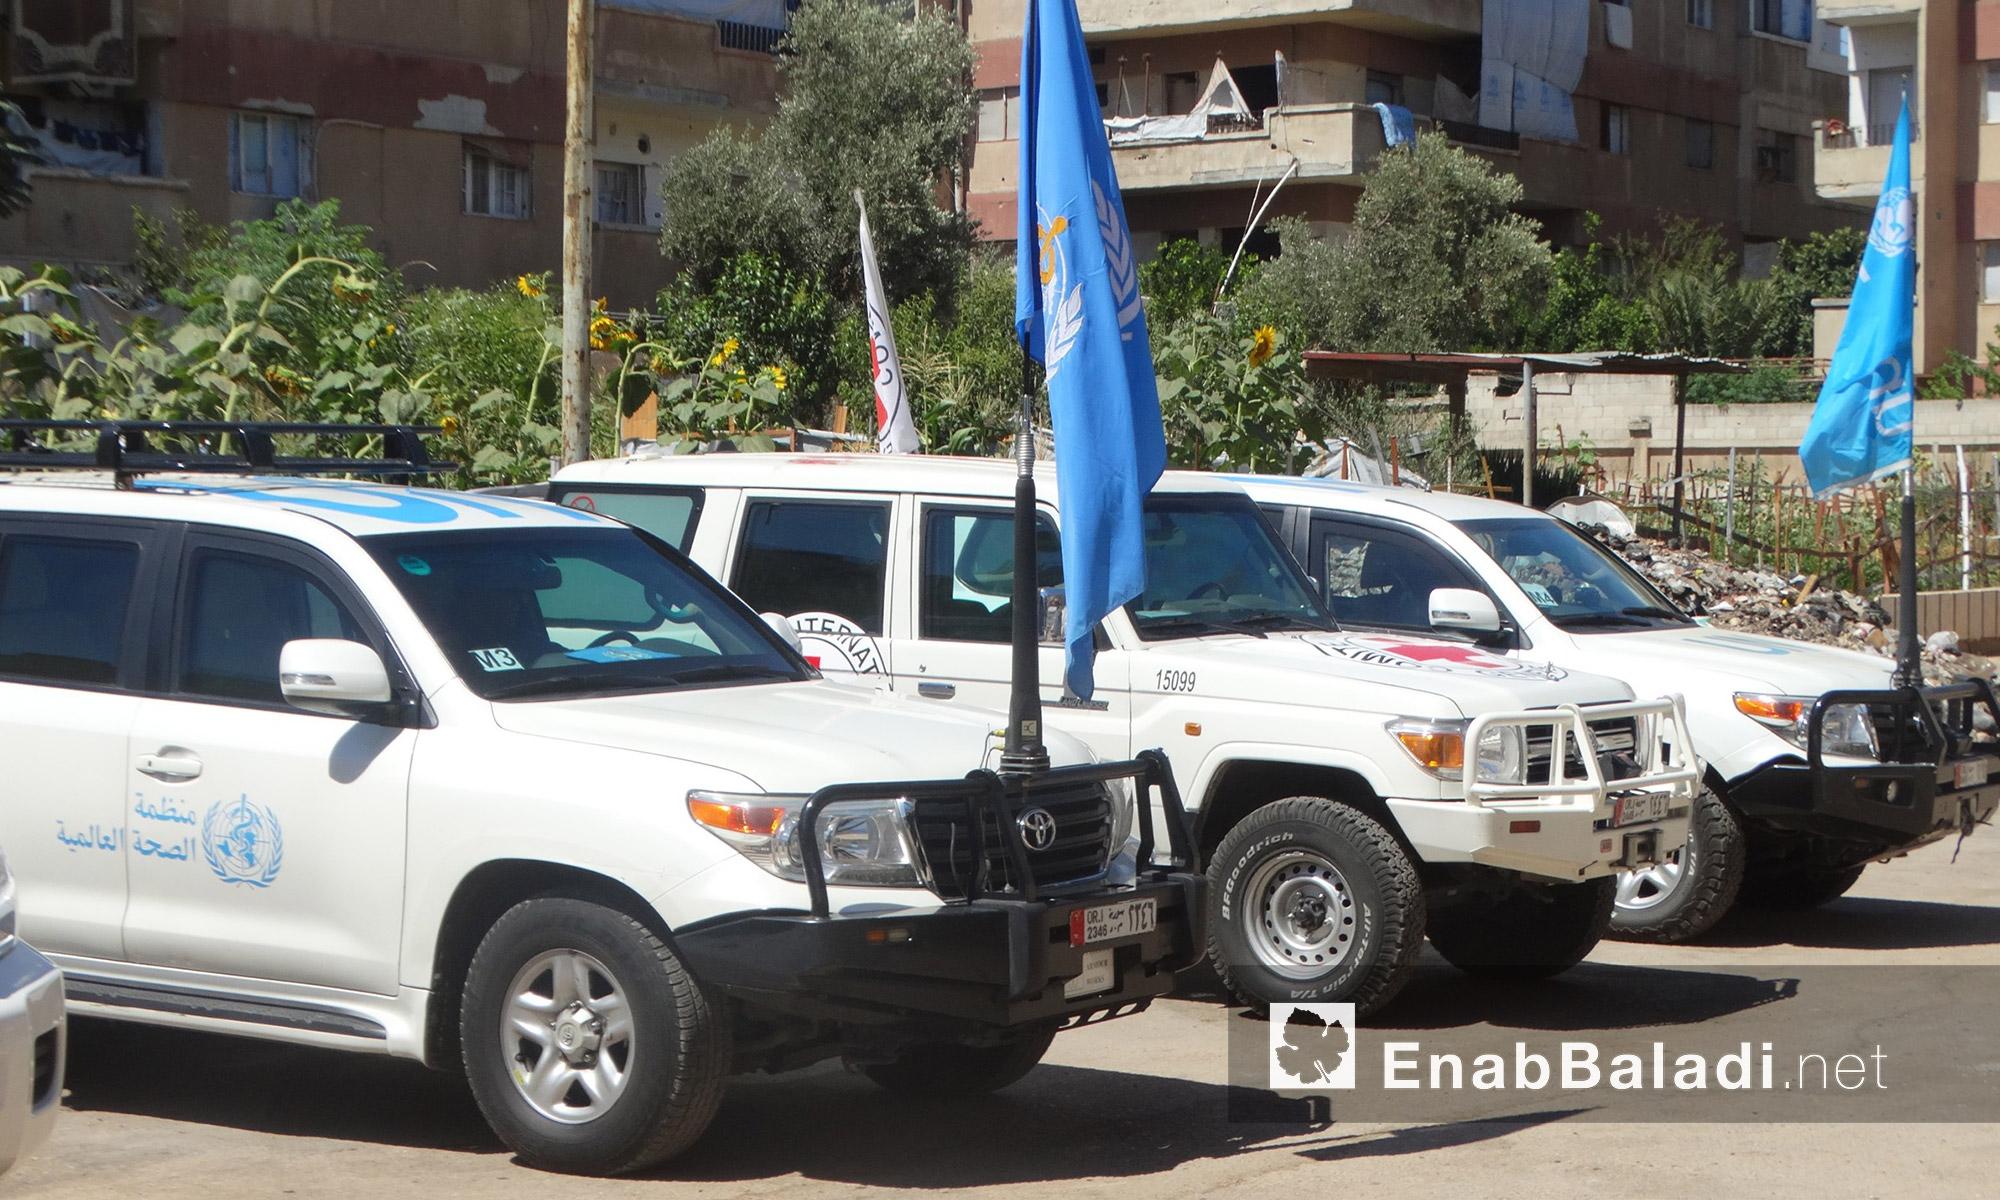 سيارات الوفد المرافق لقافلة  المساعدات داخل حي الوعر في حمص - الخميس 14 تموز (عنب بلدي)